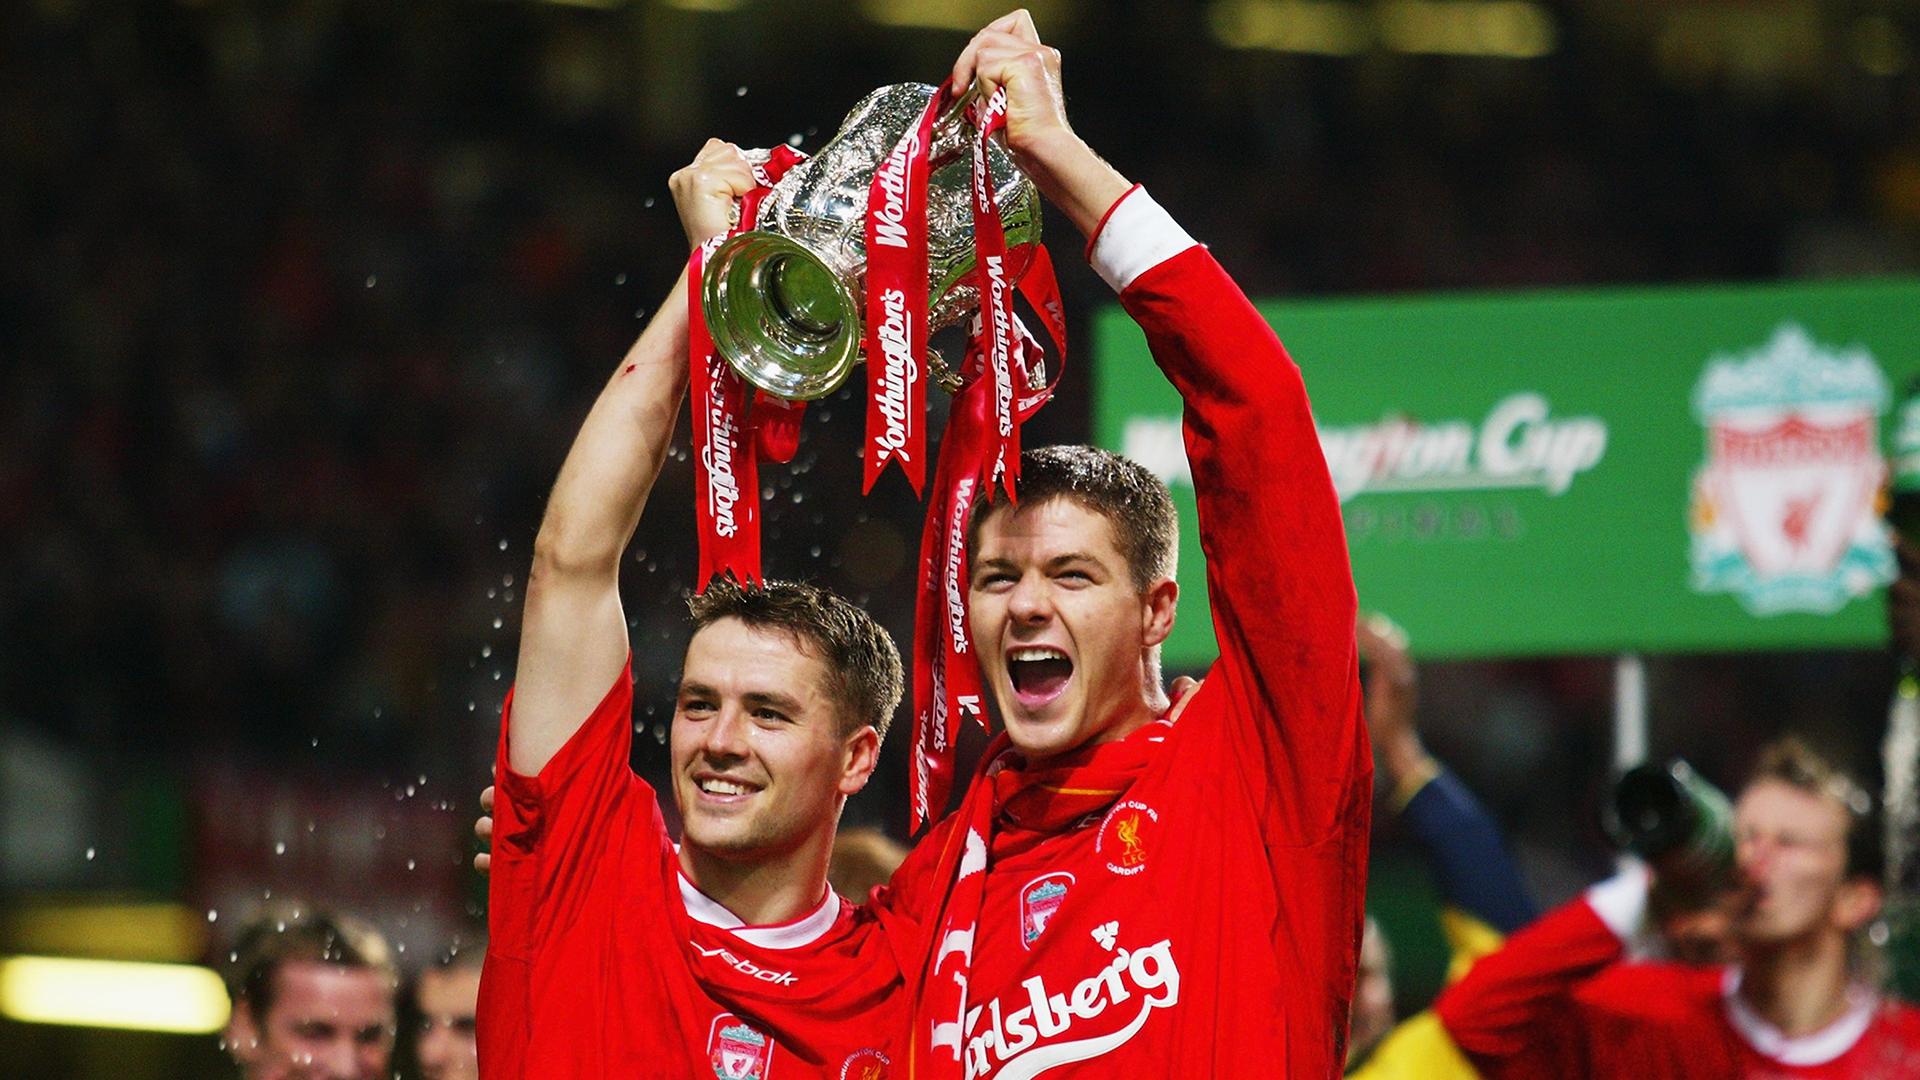 Steven Gerrard Michael Owen Manchester United Liverpool 2001